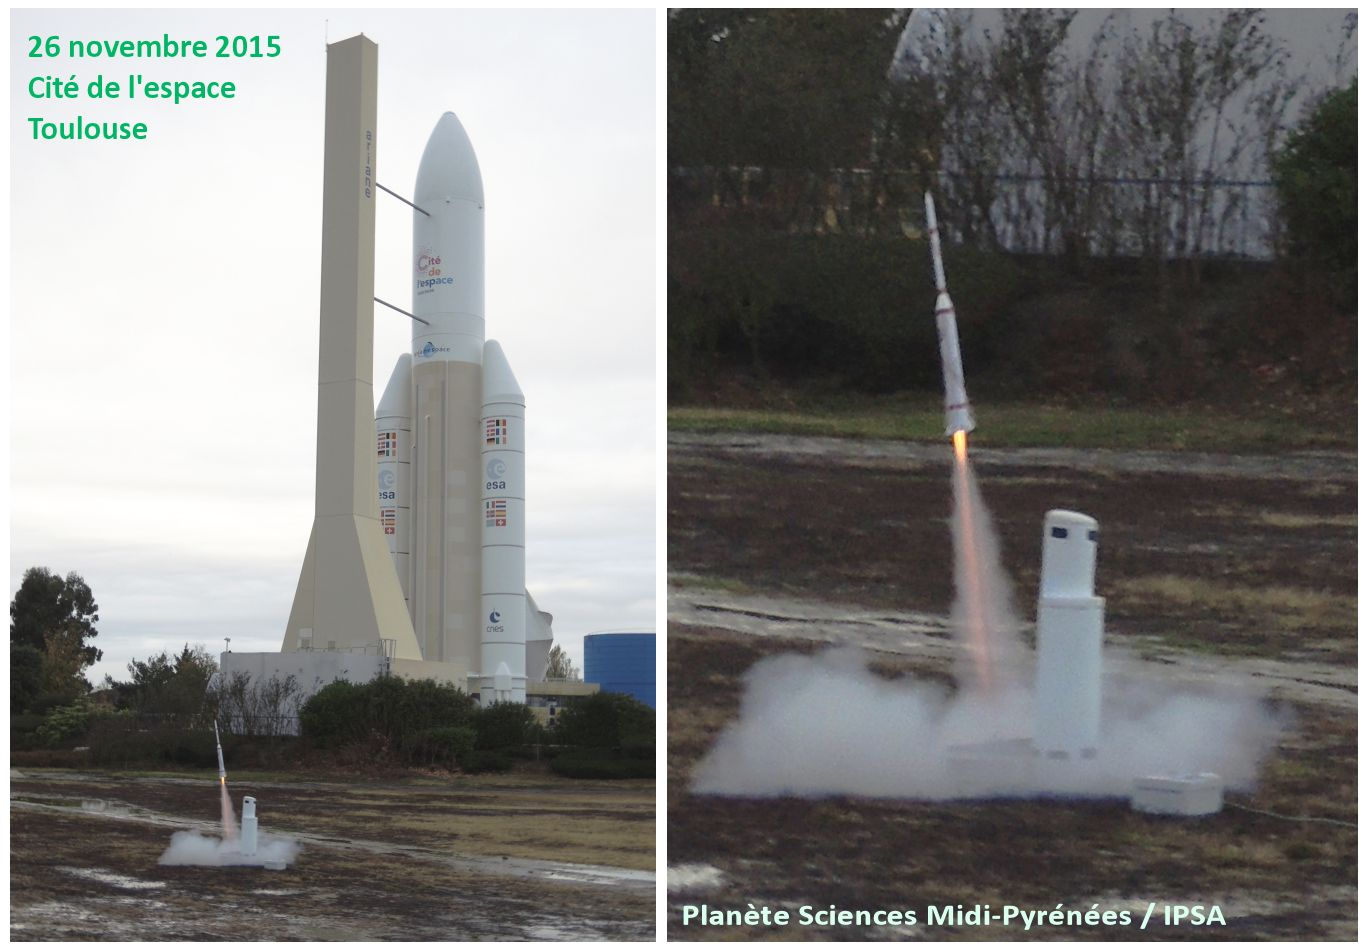 Astérix - A1 - Diamant - Armées n°1 - Toulouse - 26 novembre - Anniversaire - 26-11-1965 - Hammaguir - SEREB - CNES - DMA - Planète Sciences Midi-Pyrénées - IPSA